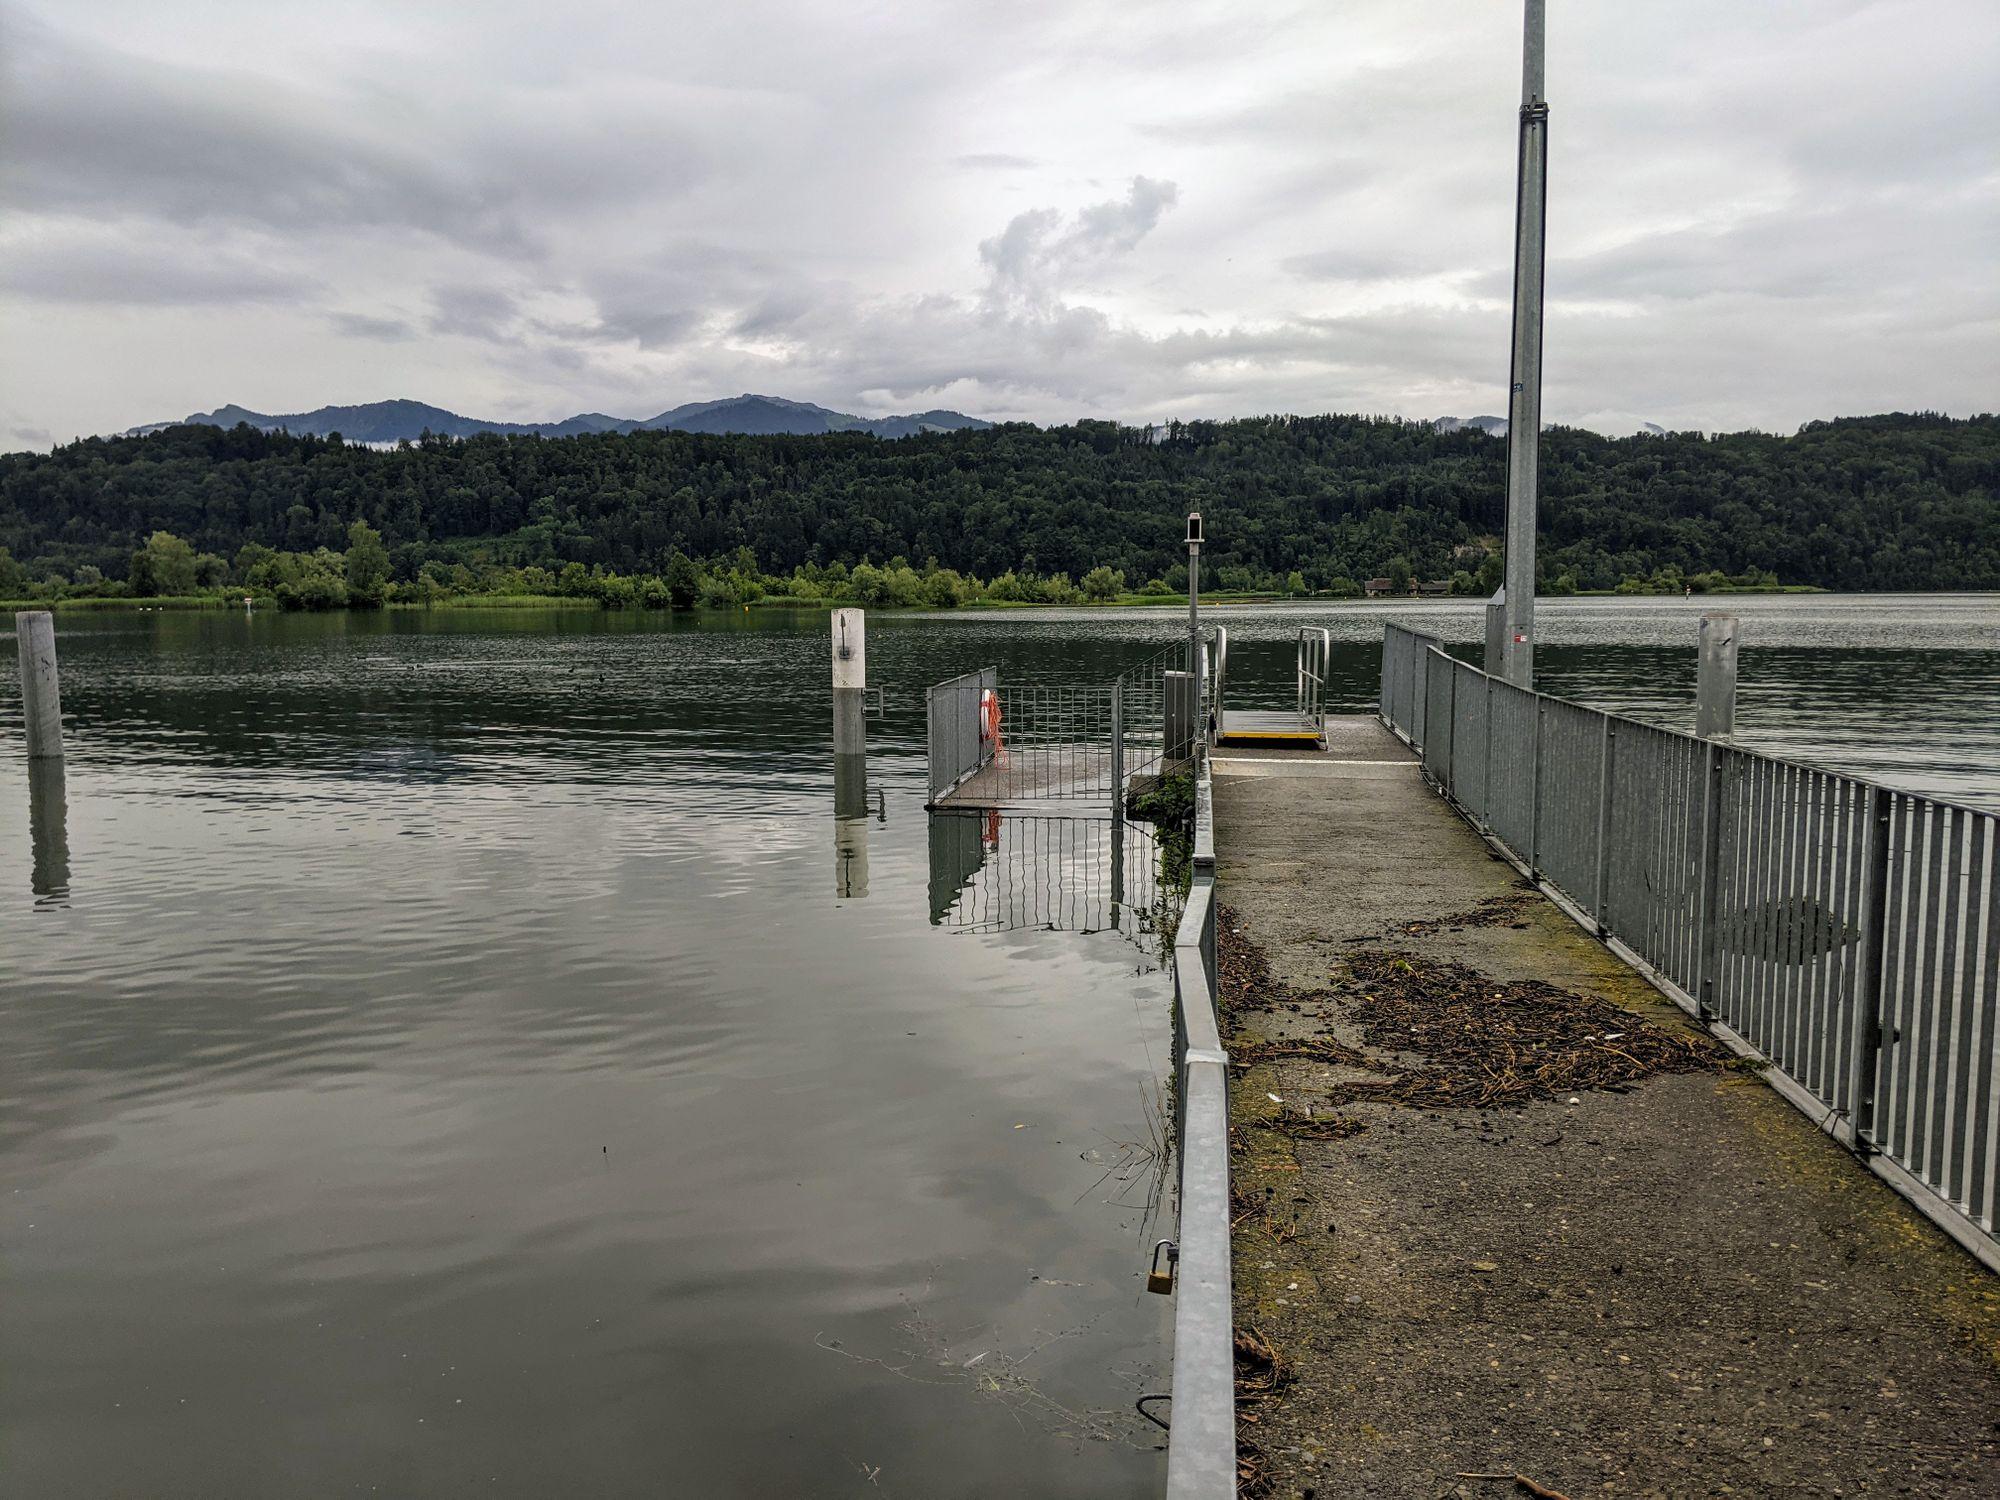 Hochwasser am 13.07.2021. Der tiefere Teil vom Dampfschiffsteg Schmerikon steht schon fast unter Wasser (Foto: Thomas Müller, 8716.ch)